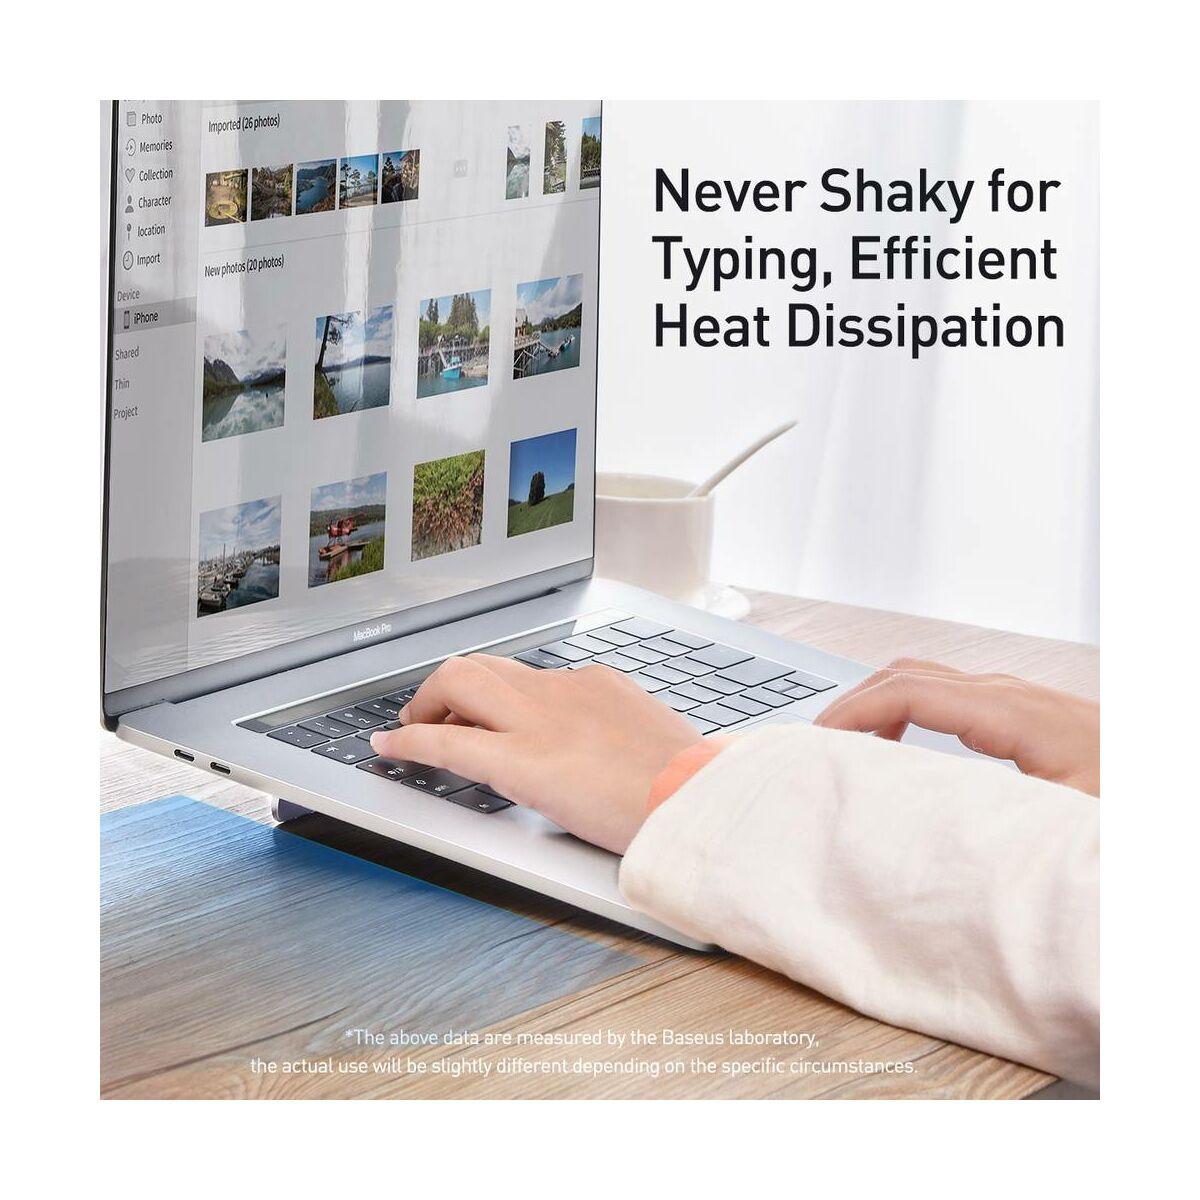 Baseus MacBook és Laptop tartó, Papery notebook asztali tartó, ezüst (SUZC-0S)